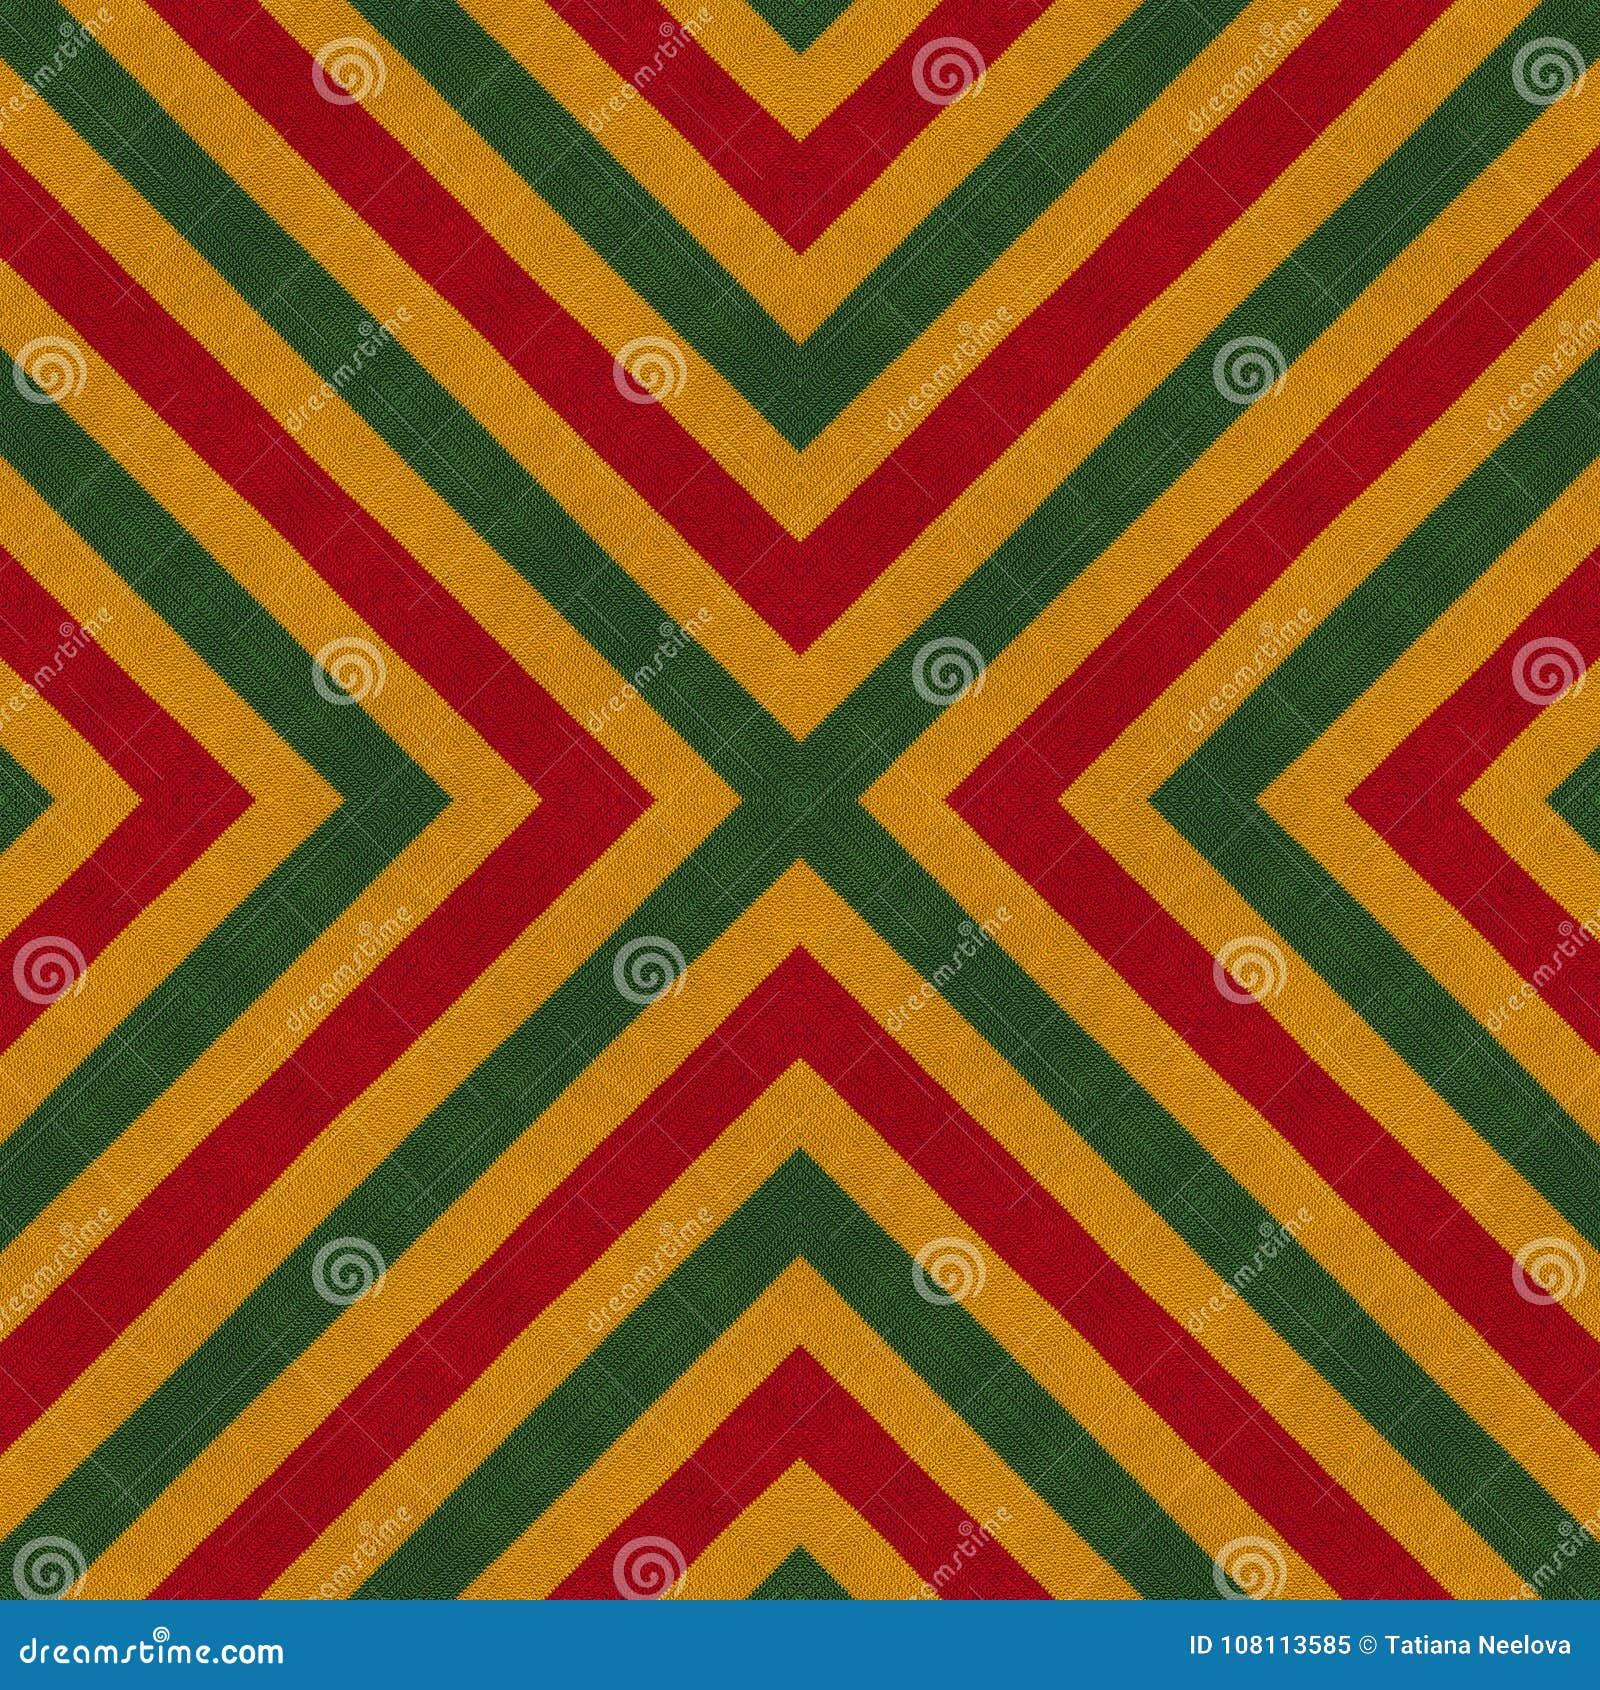 Reggaefarben häkeln gestrickten Arthintergrund, Draufsicht Collage mit Spiegelreflexion mit Raute Nahtloses Kaleidoskop monta